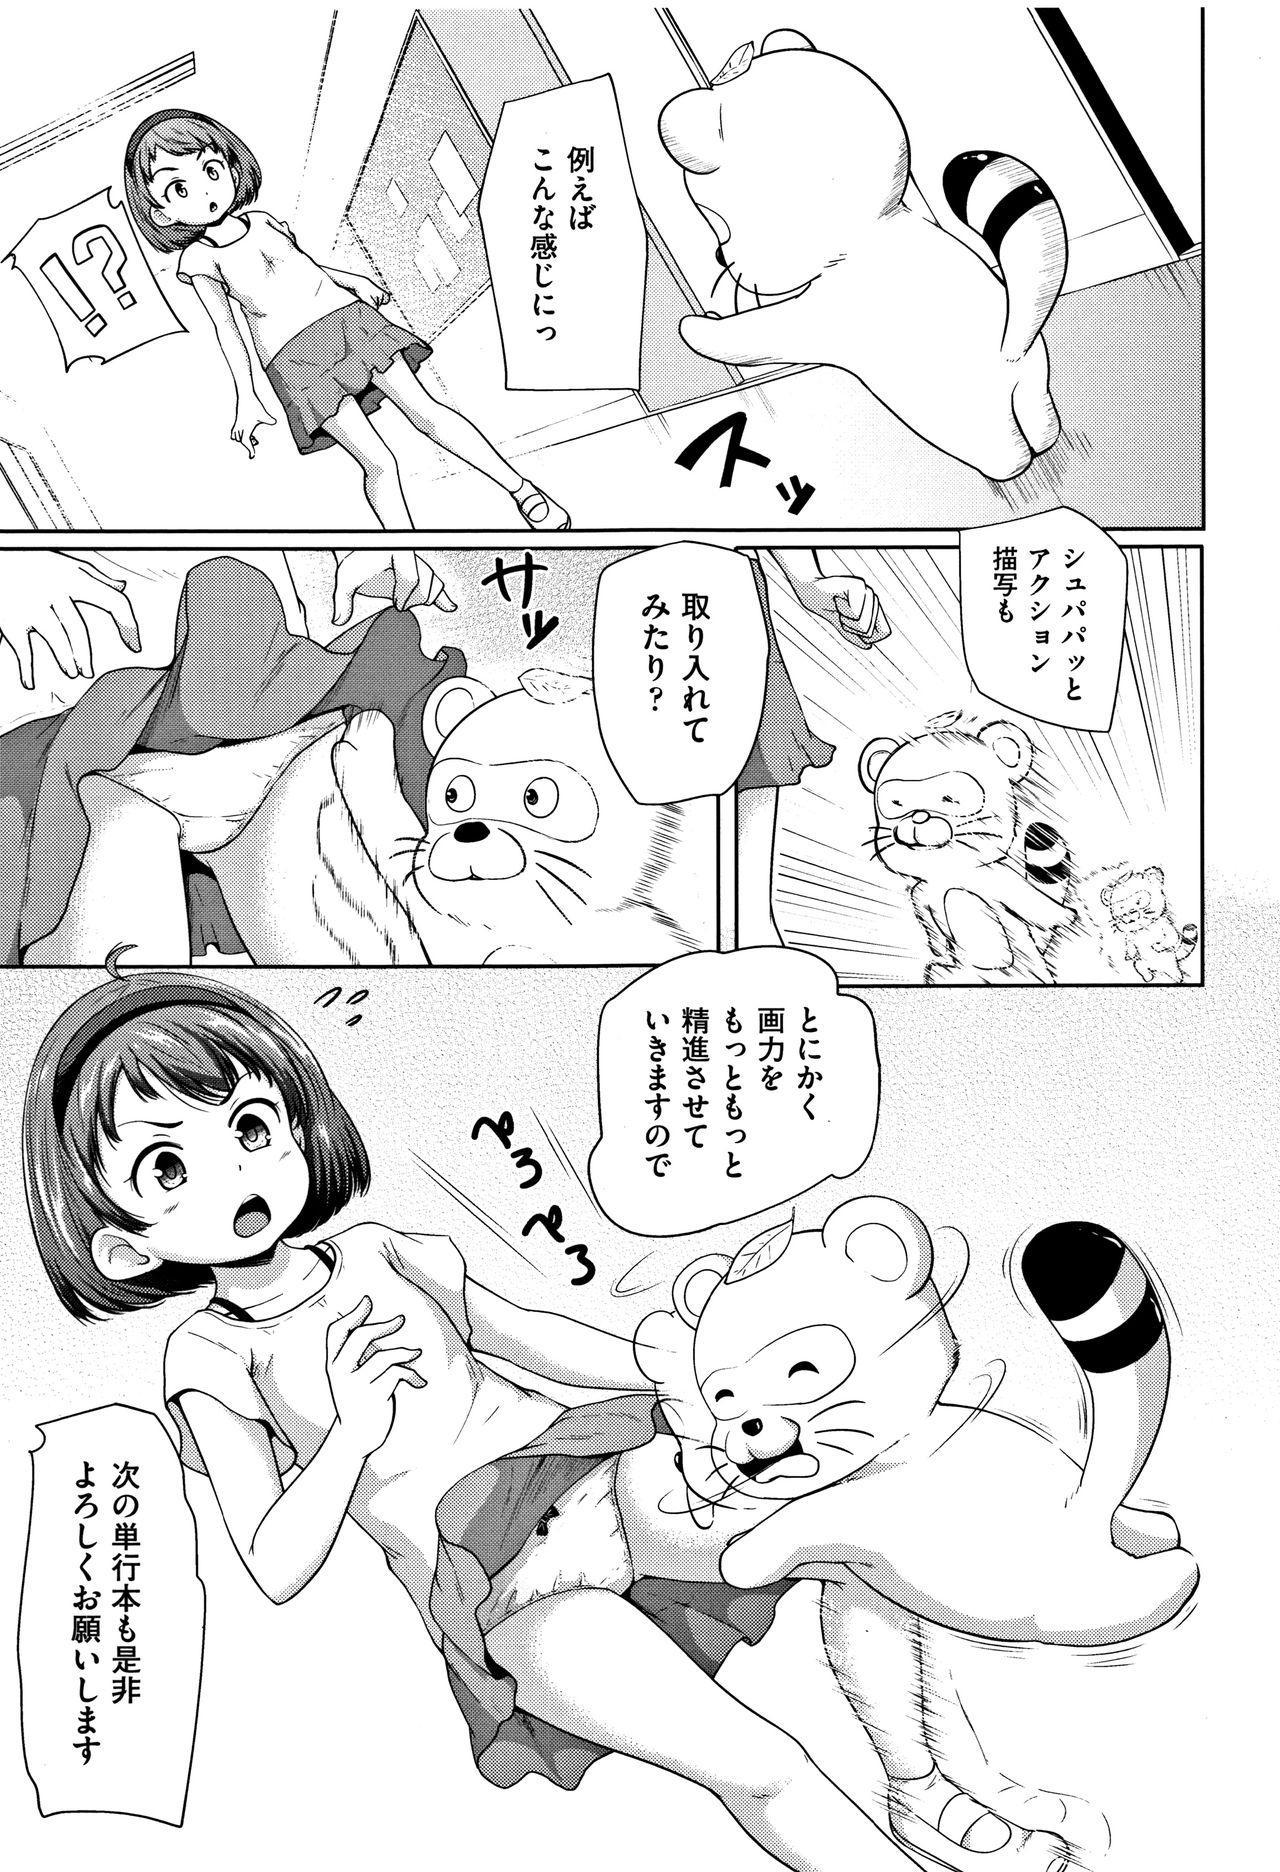 Loli Dokoro 209